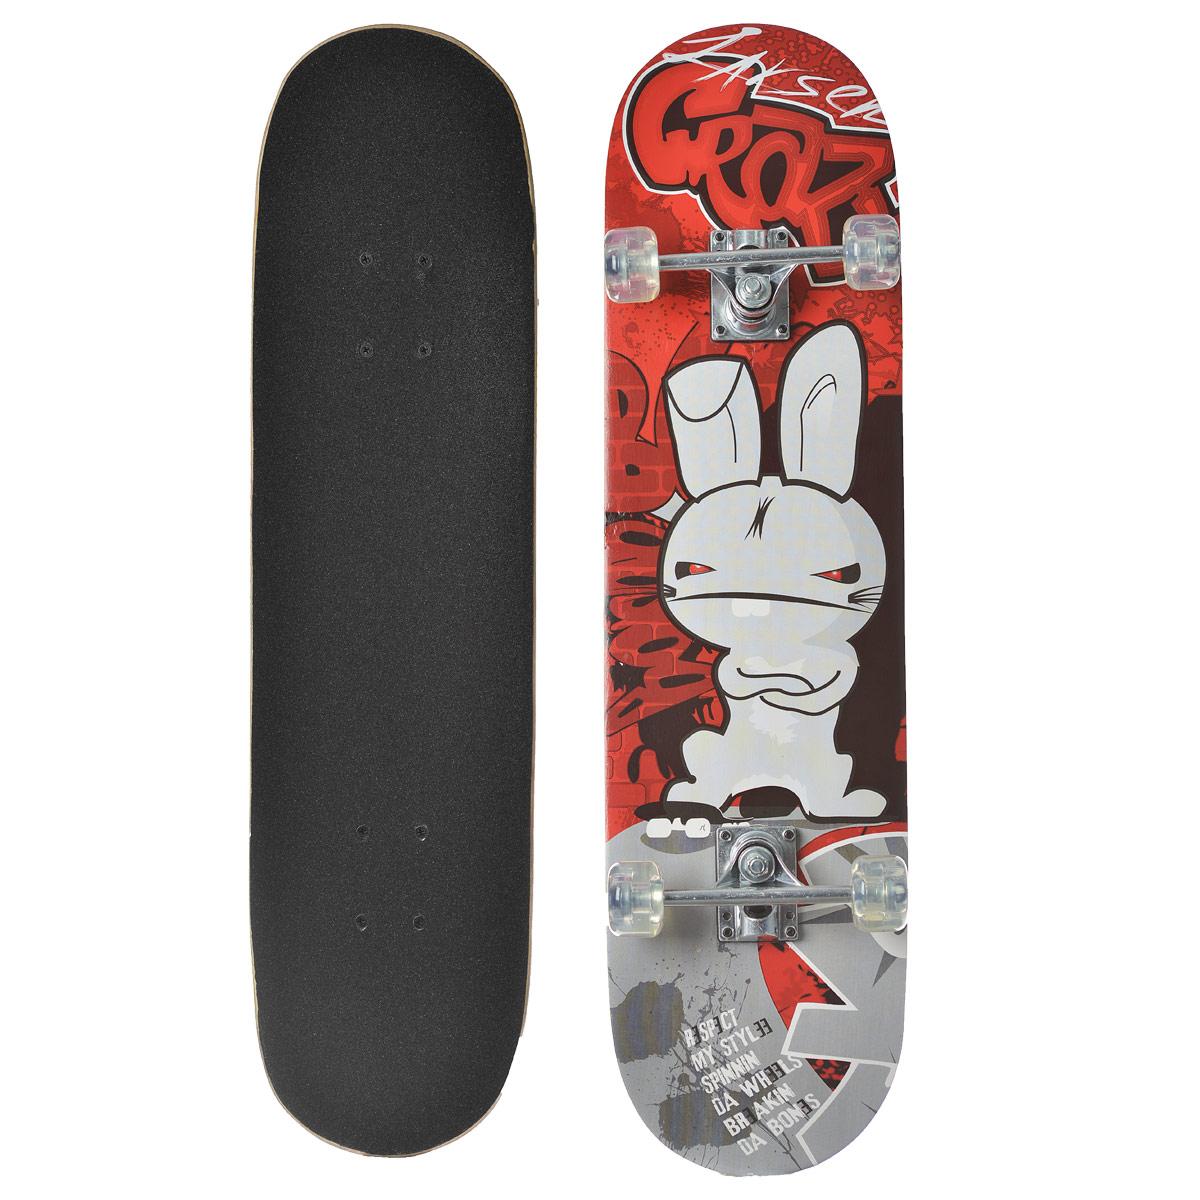 Скейтборд Larsen, дека 79 см х 20 см. SB-1245170Скейтборд Larsen - отличный выбор для начинающих и опытных скейтбордистов, а также для людей, любящих активно проводить время. Скейтборд изготовлен из натурального китайского клена, имеет прочную алюминиевую подвеску. В последнее время экстремальные виды спорта, такие как катание на скейтборде, становятся очень популярными. Скейтбординг - это зрелищный и экстремальный вид спорта, представляющий собой катание на роликовой доске с преодолением препятствий и выполнением различных трюков.